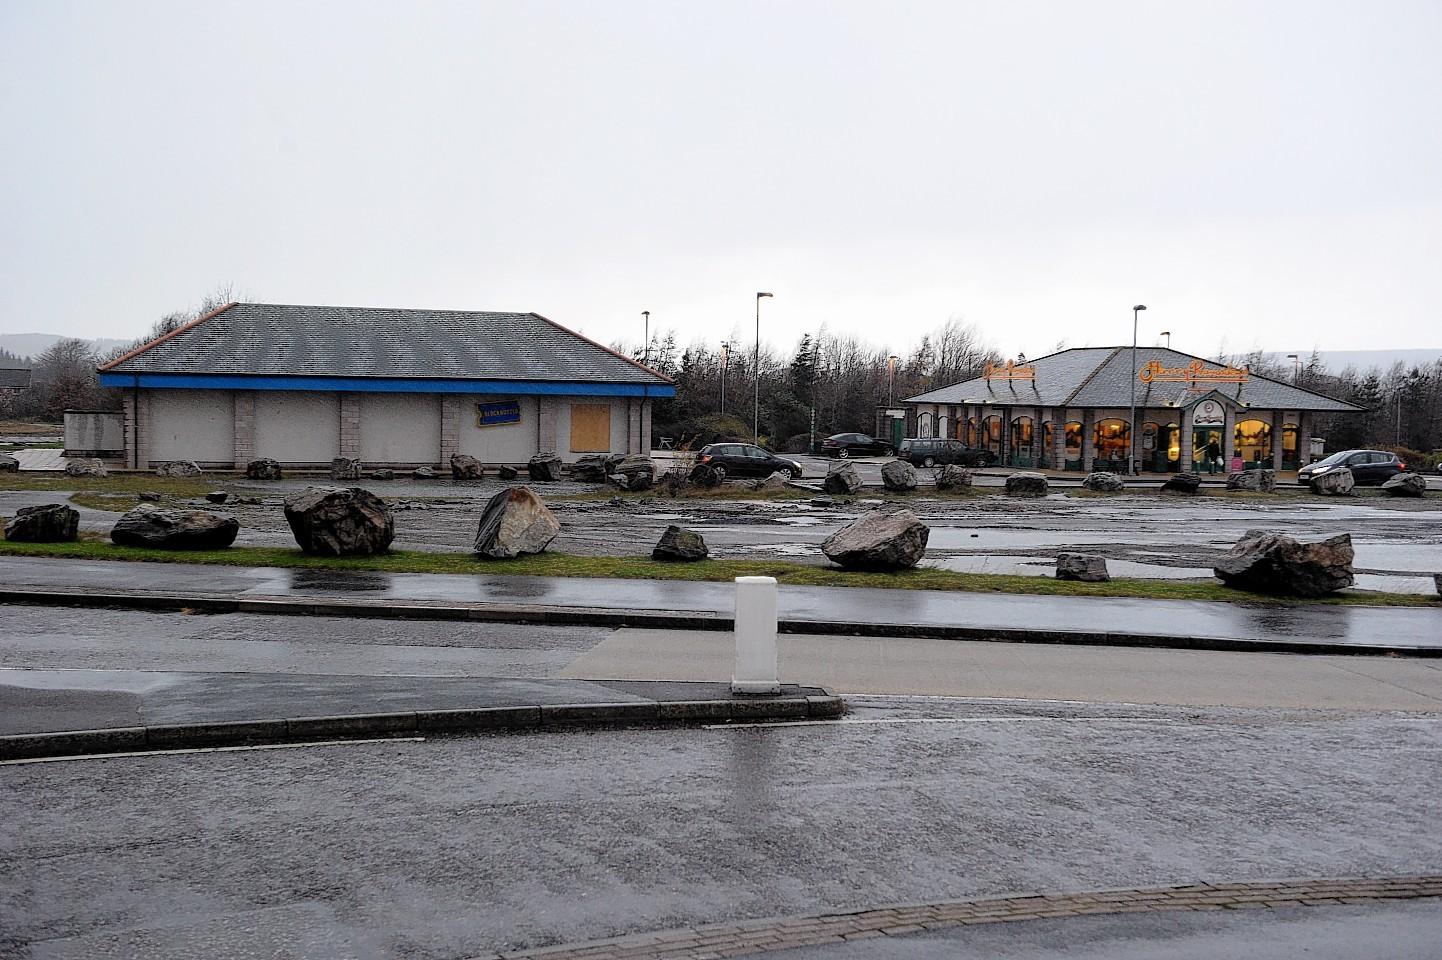 Inshes Retail Park